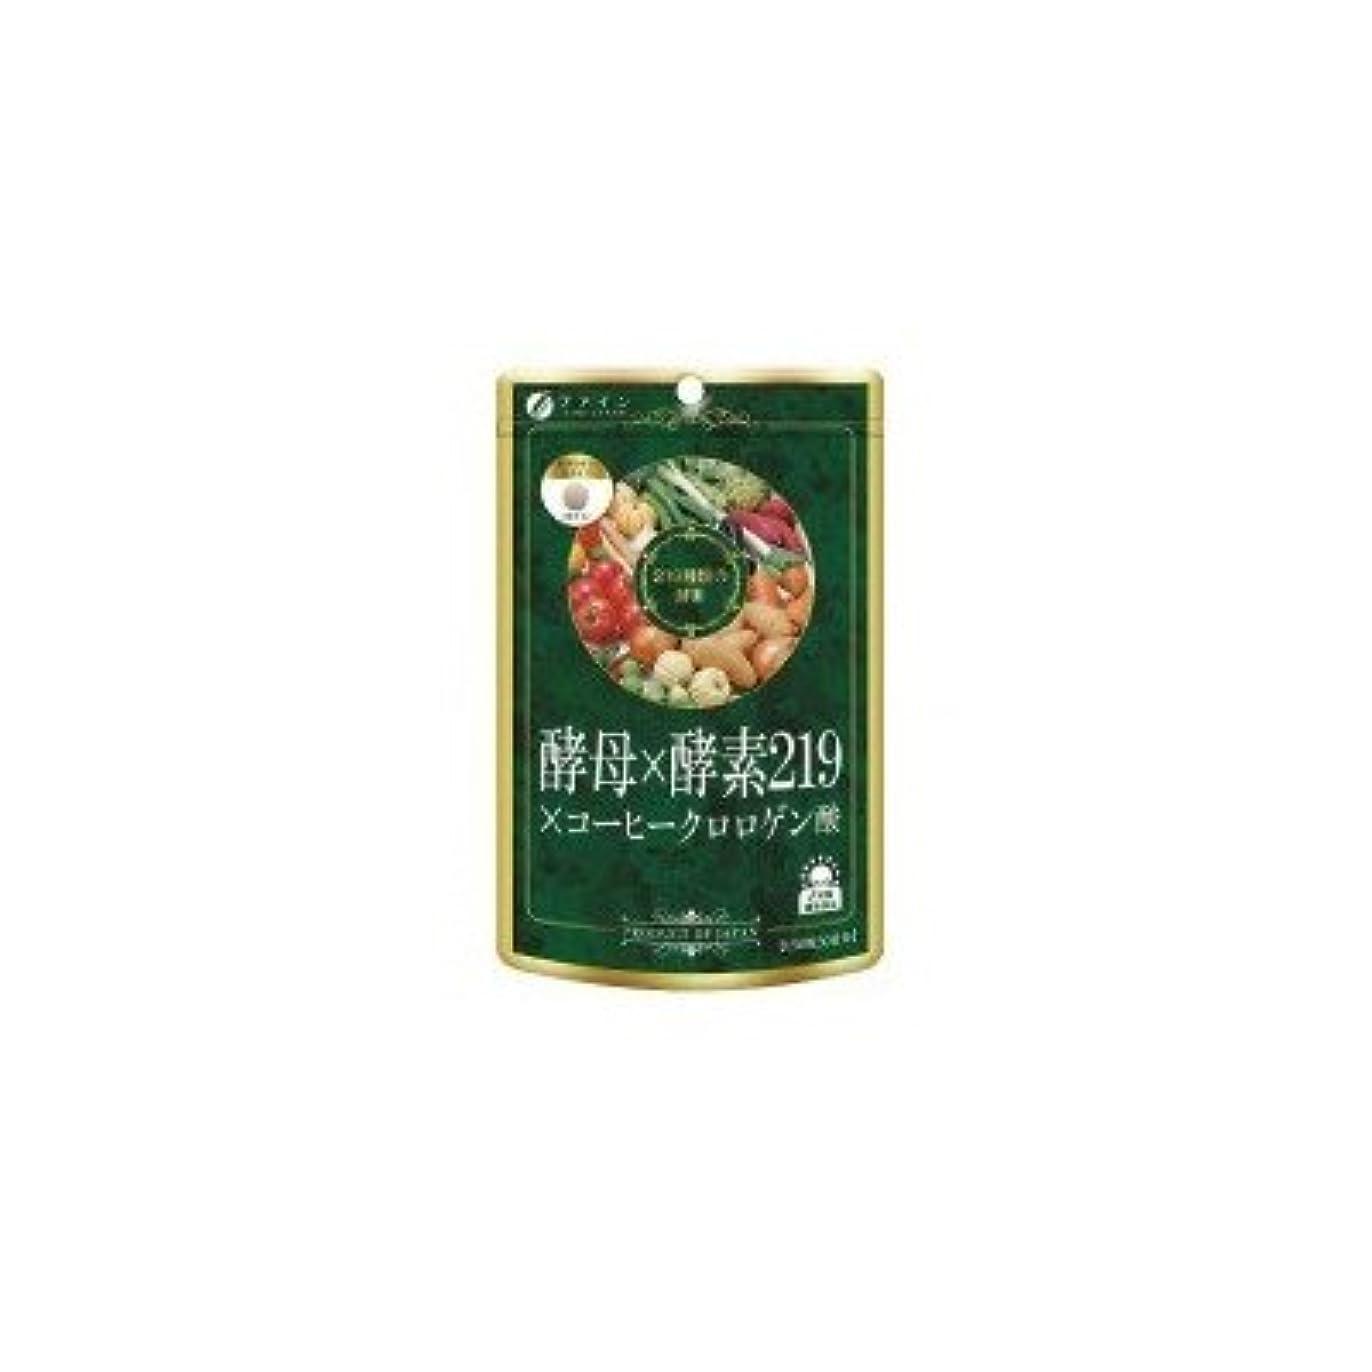 九月挑発する愛情ファイン 酵母×酵素219×コーヒークロロゲン酸 45g(300mg×150粒)